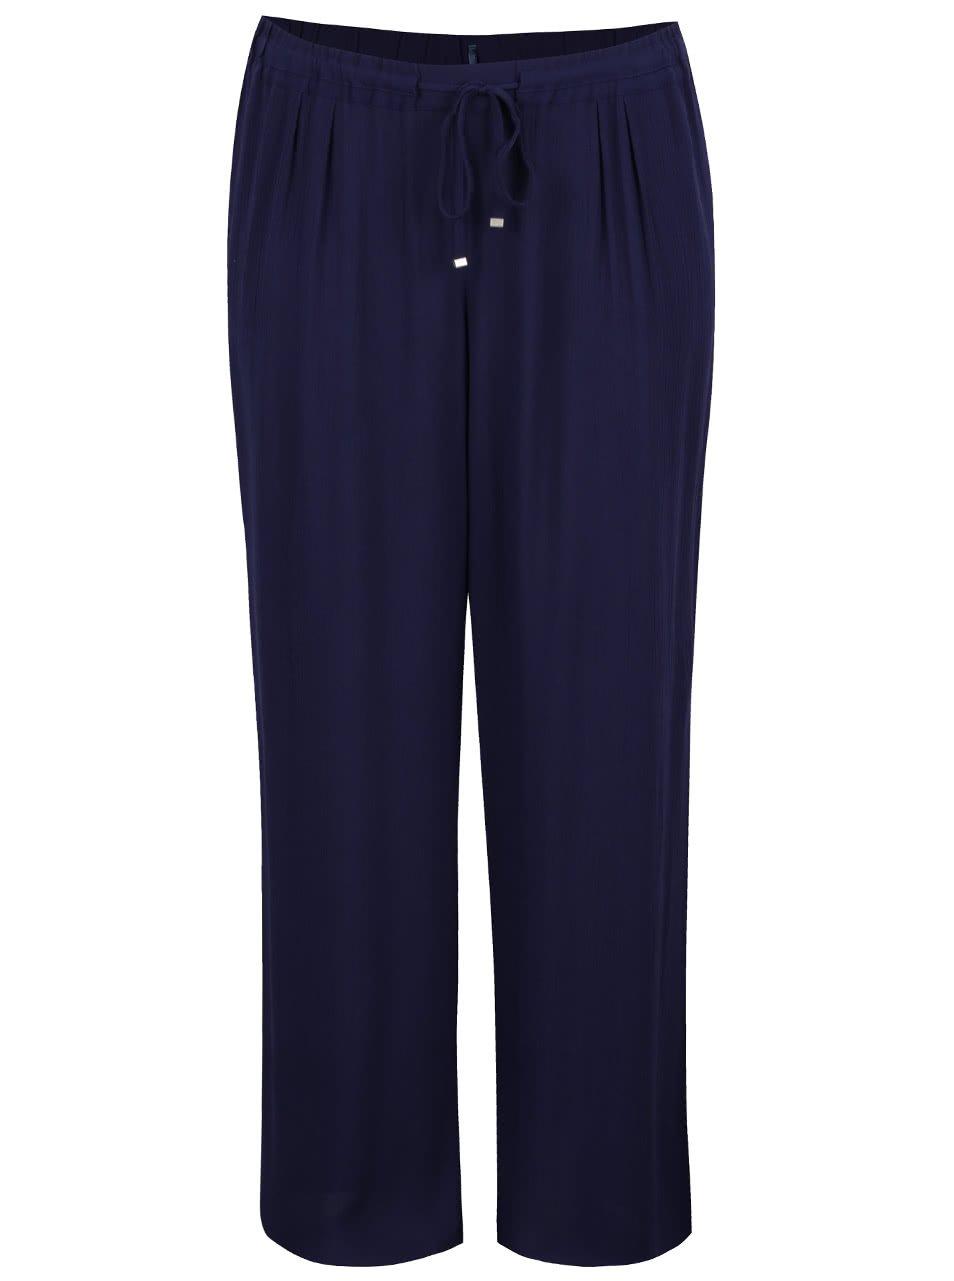 Tmavě modré volné kalhoty s gumou v pase Ulla Popken